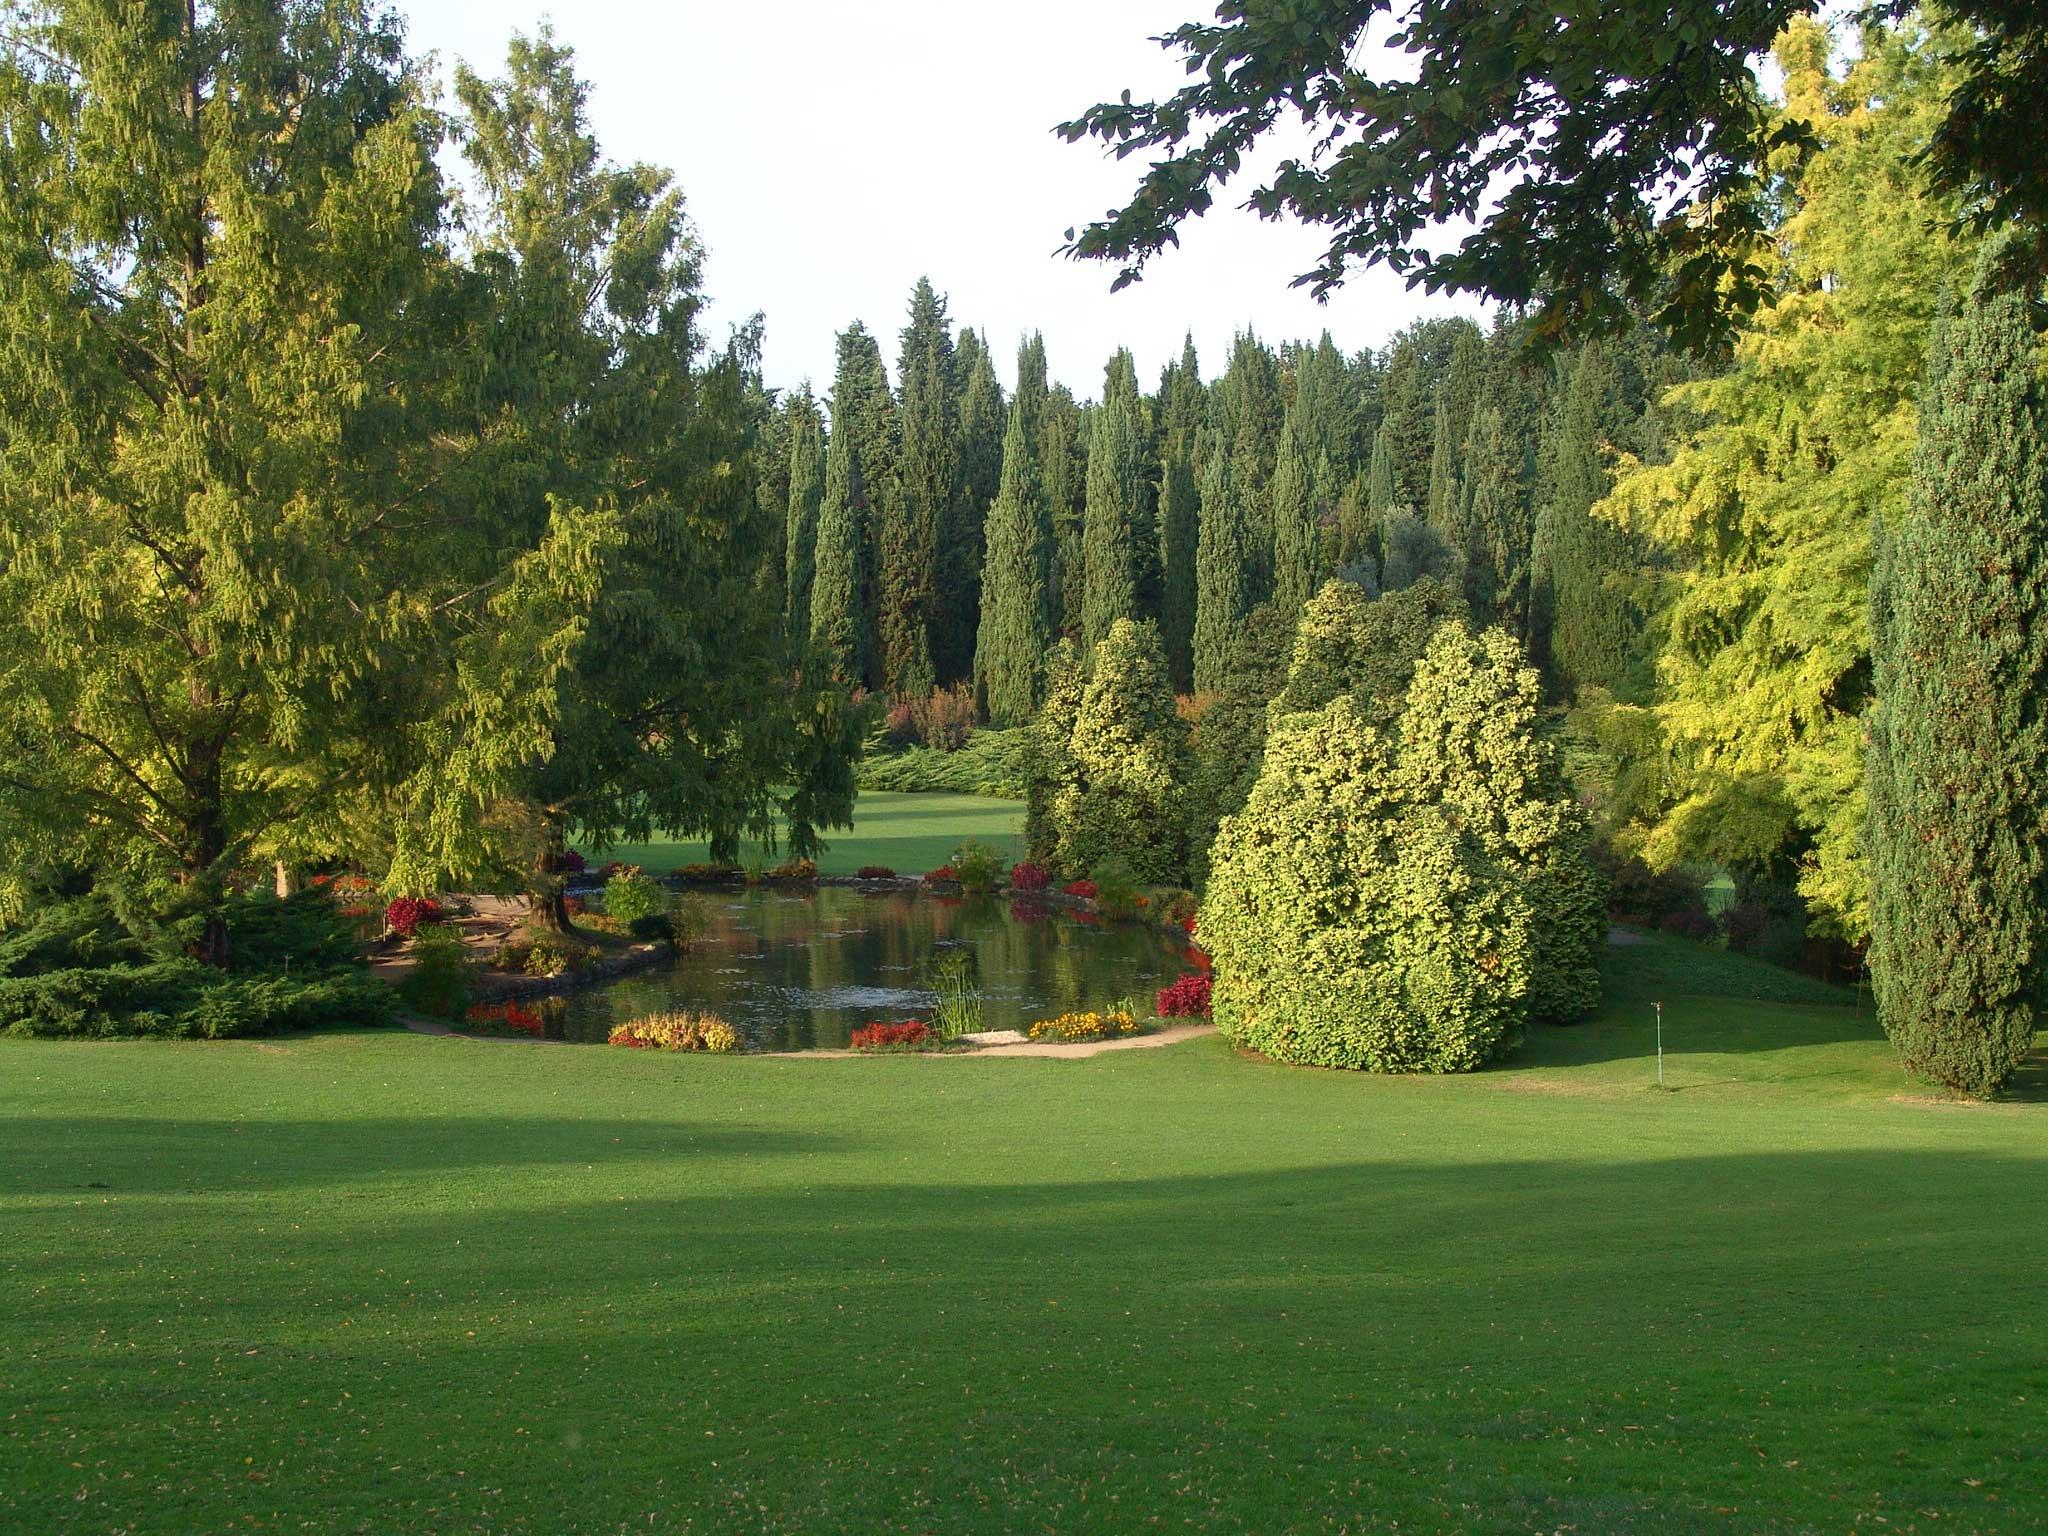 Galleria fotografica del parco giardino sigurt - Foto di giardini fioriti ...